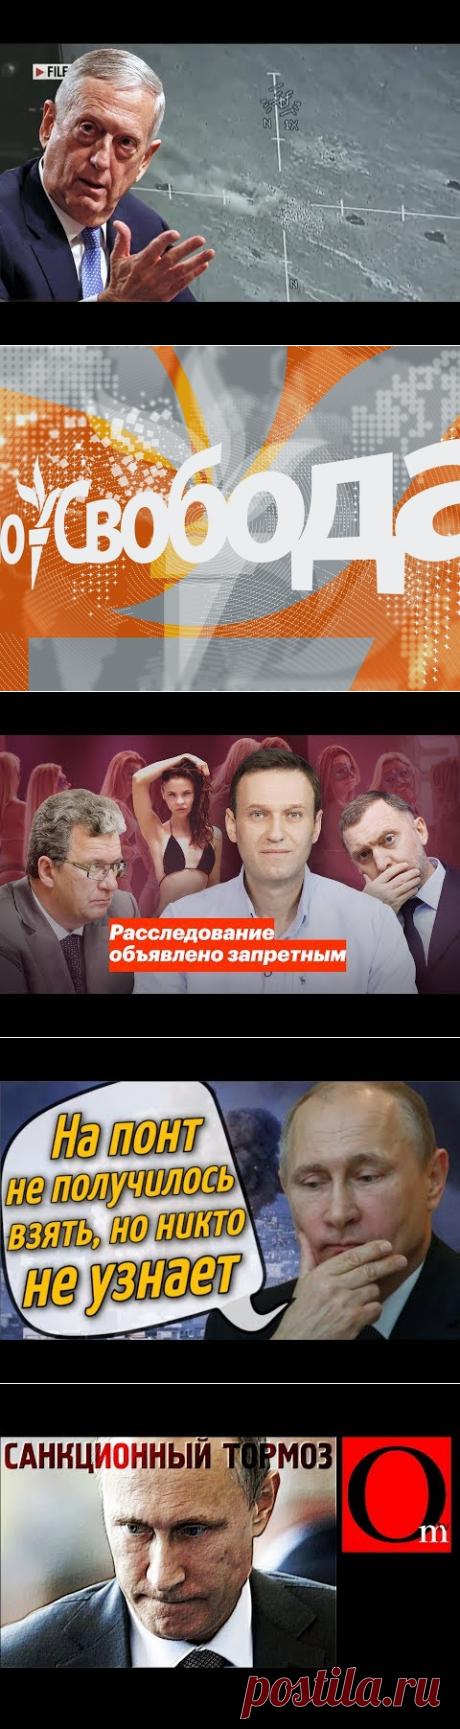 (3) Выпуск видеоновостей Радио Свобода - YouTube